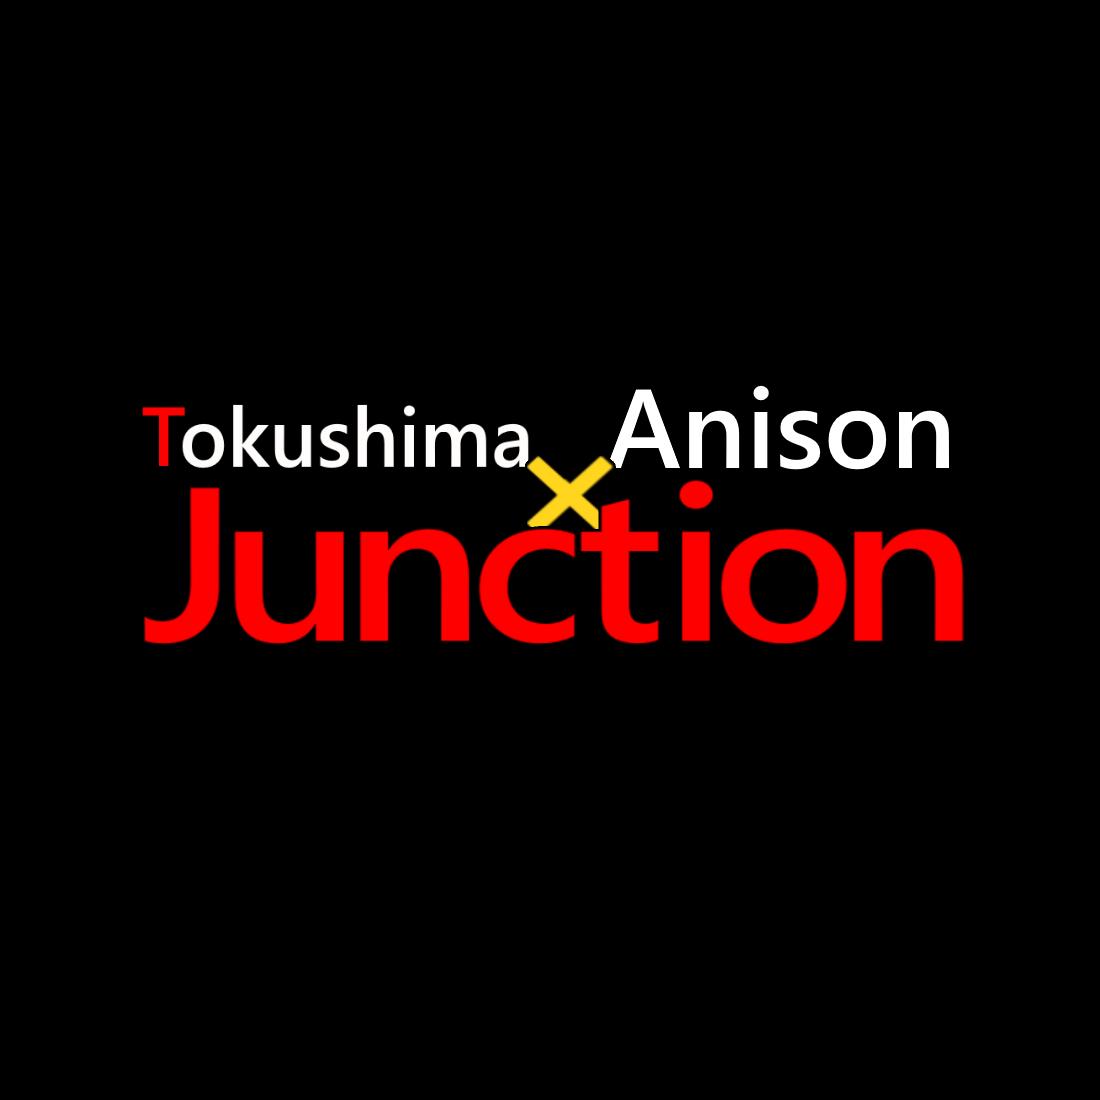 Tokushima × Anison × Junction